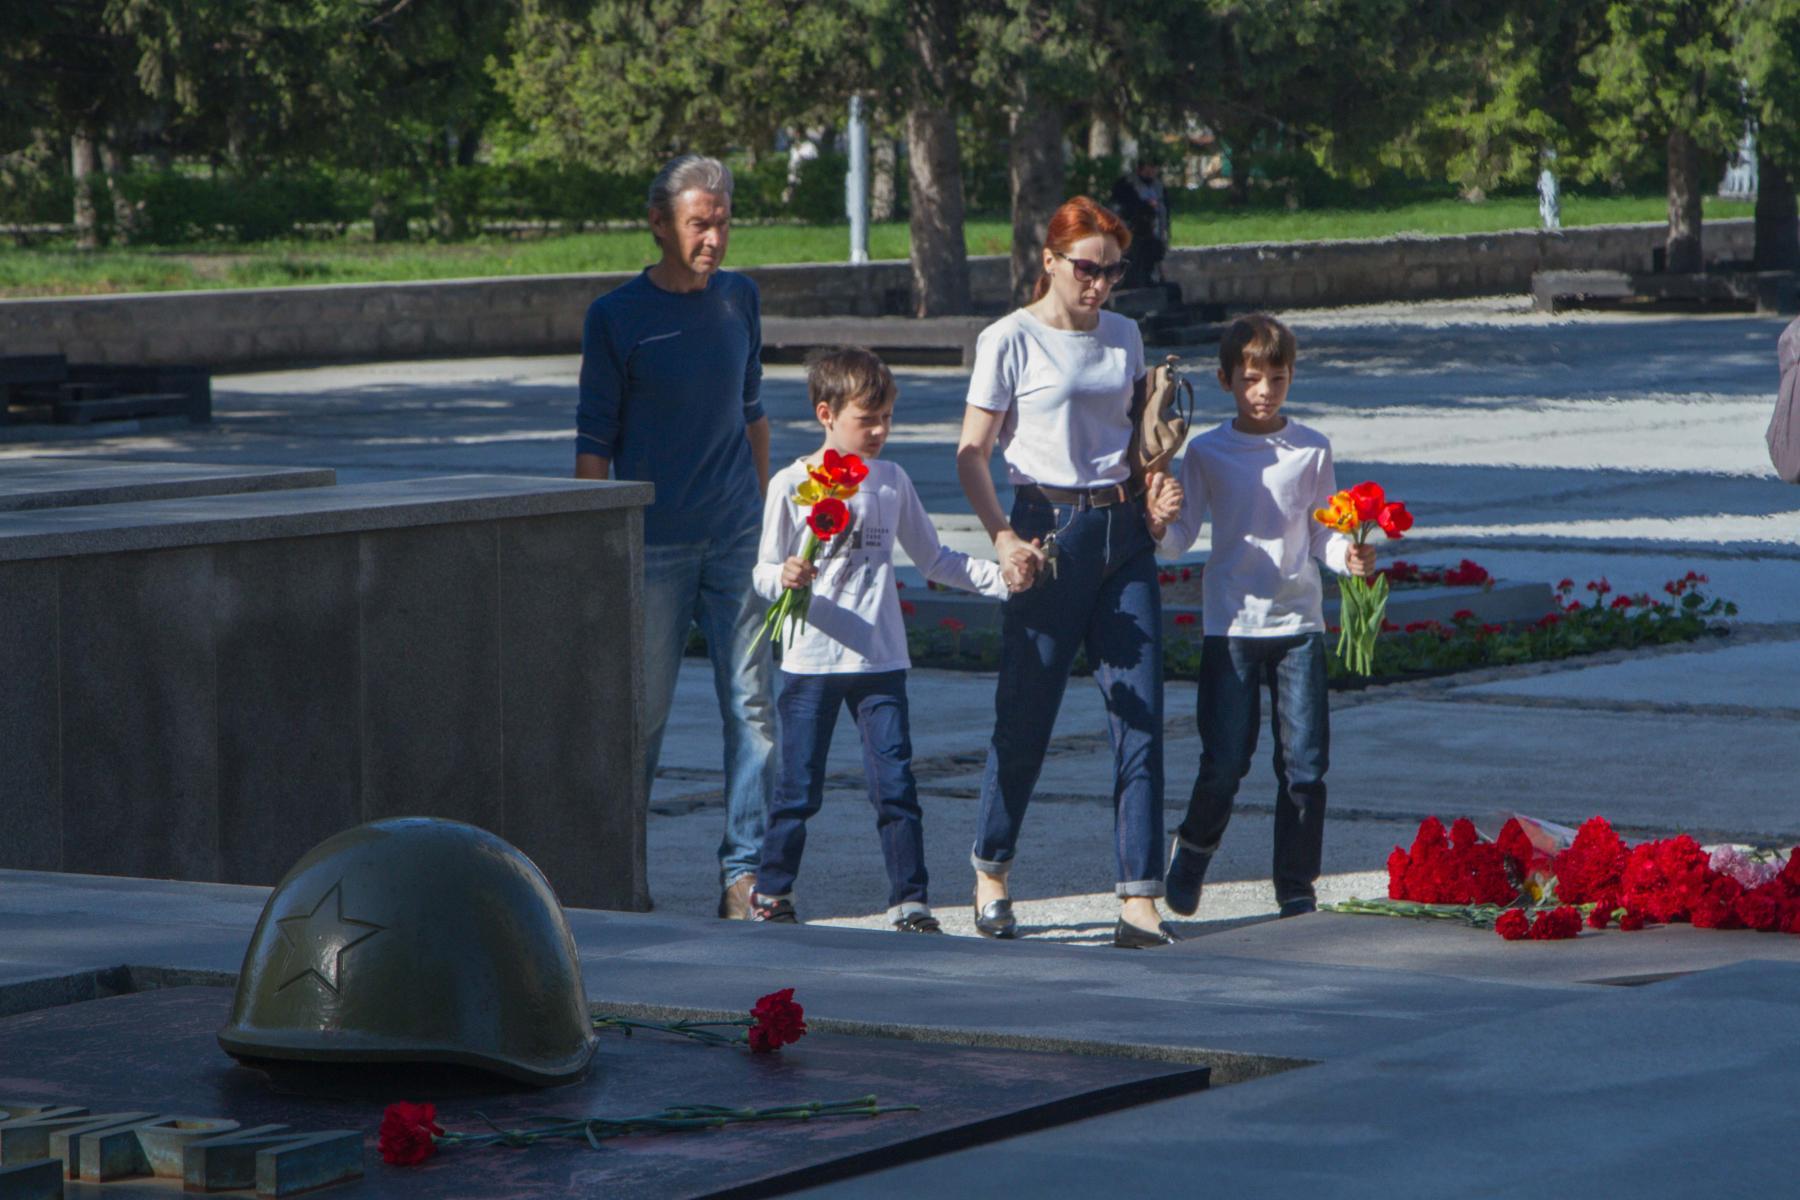 Фото Новосибирцы 9 мая идут к Вечному огню, несмотря на коронавирус 8